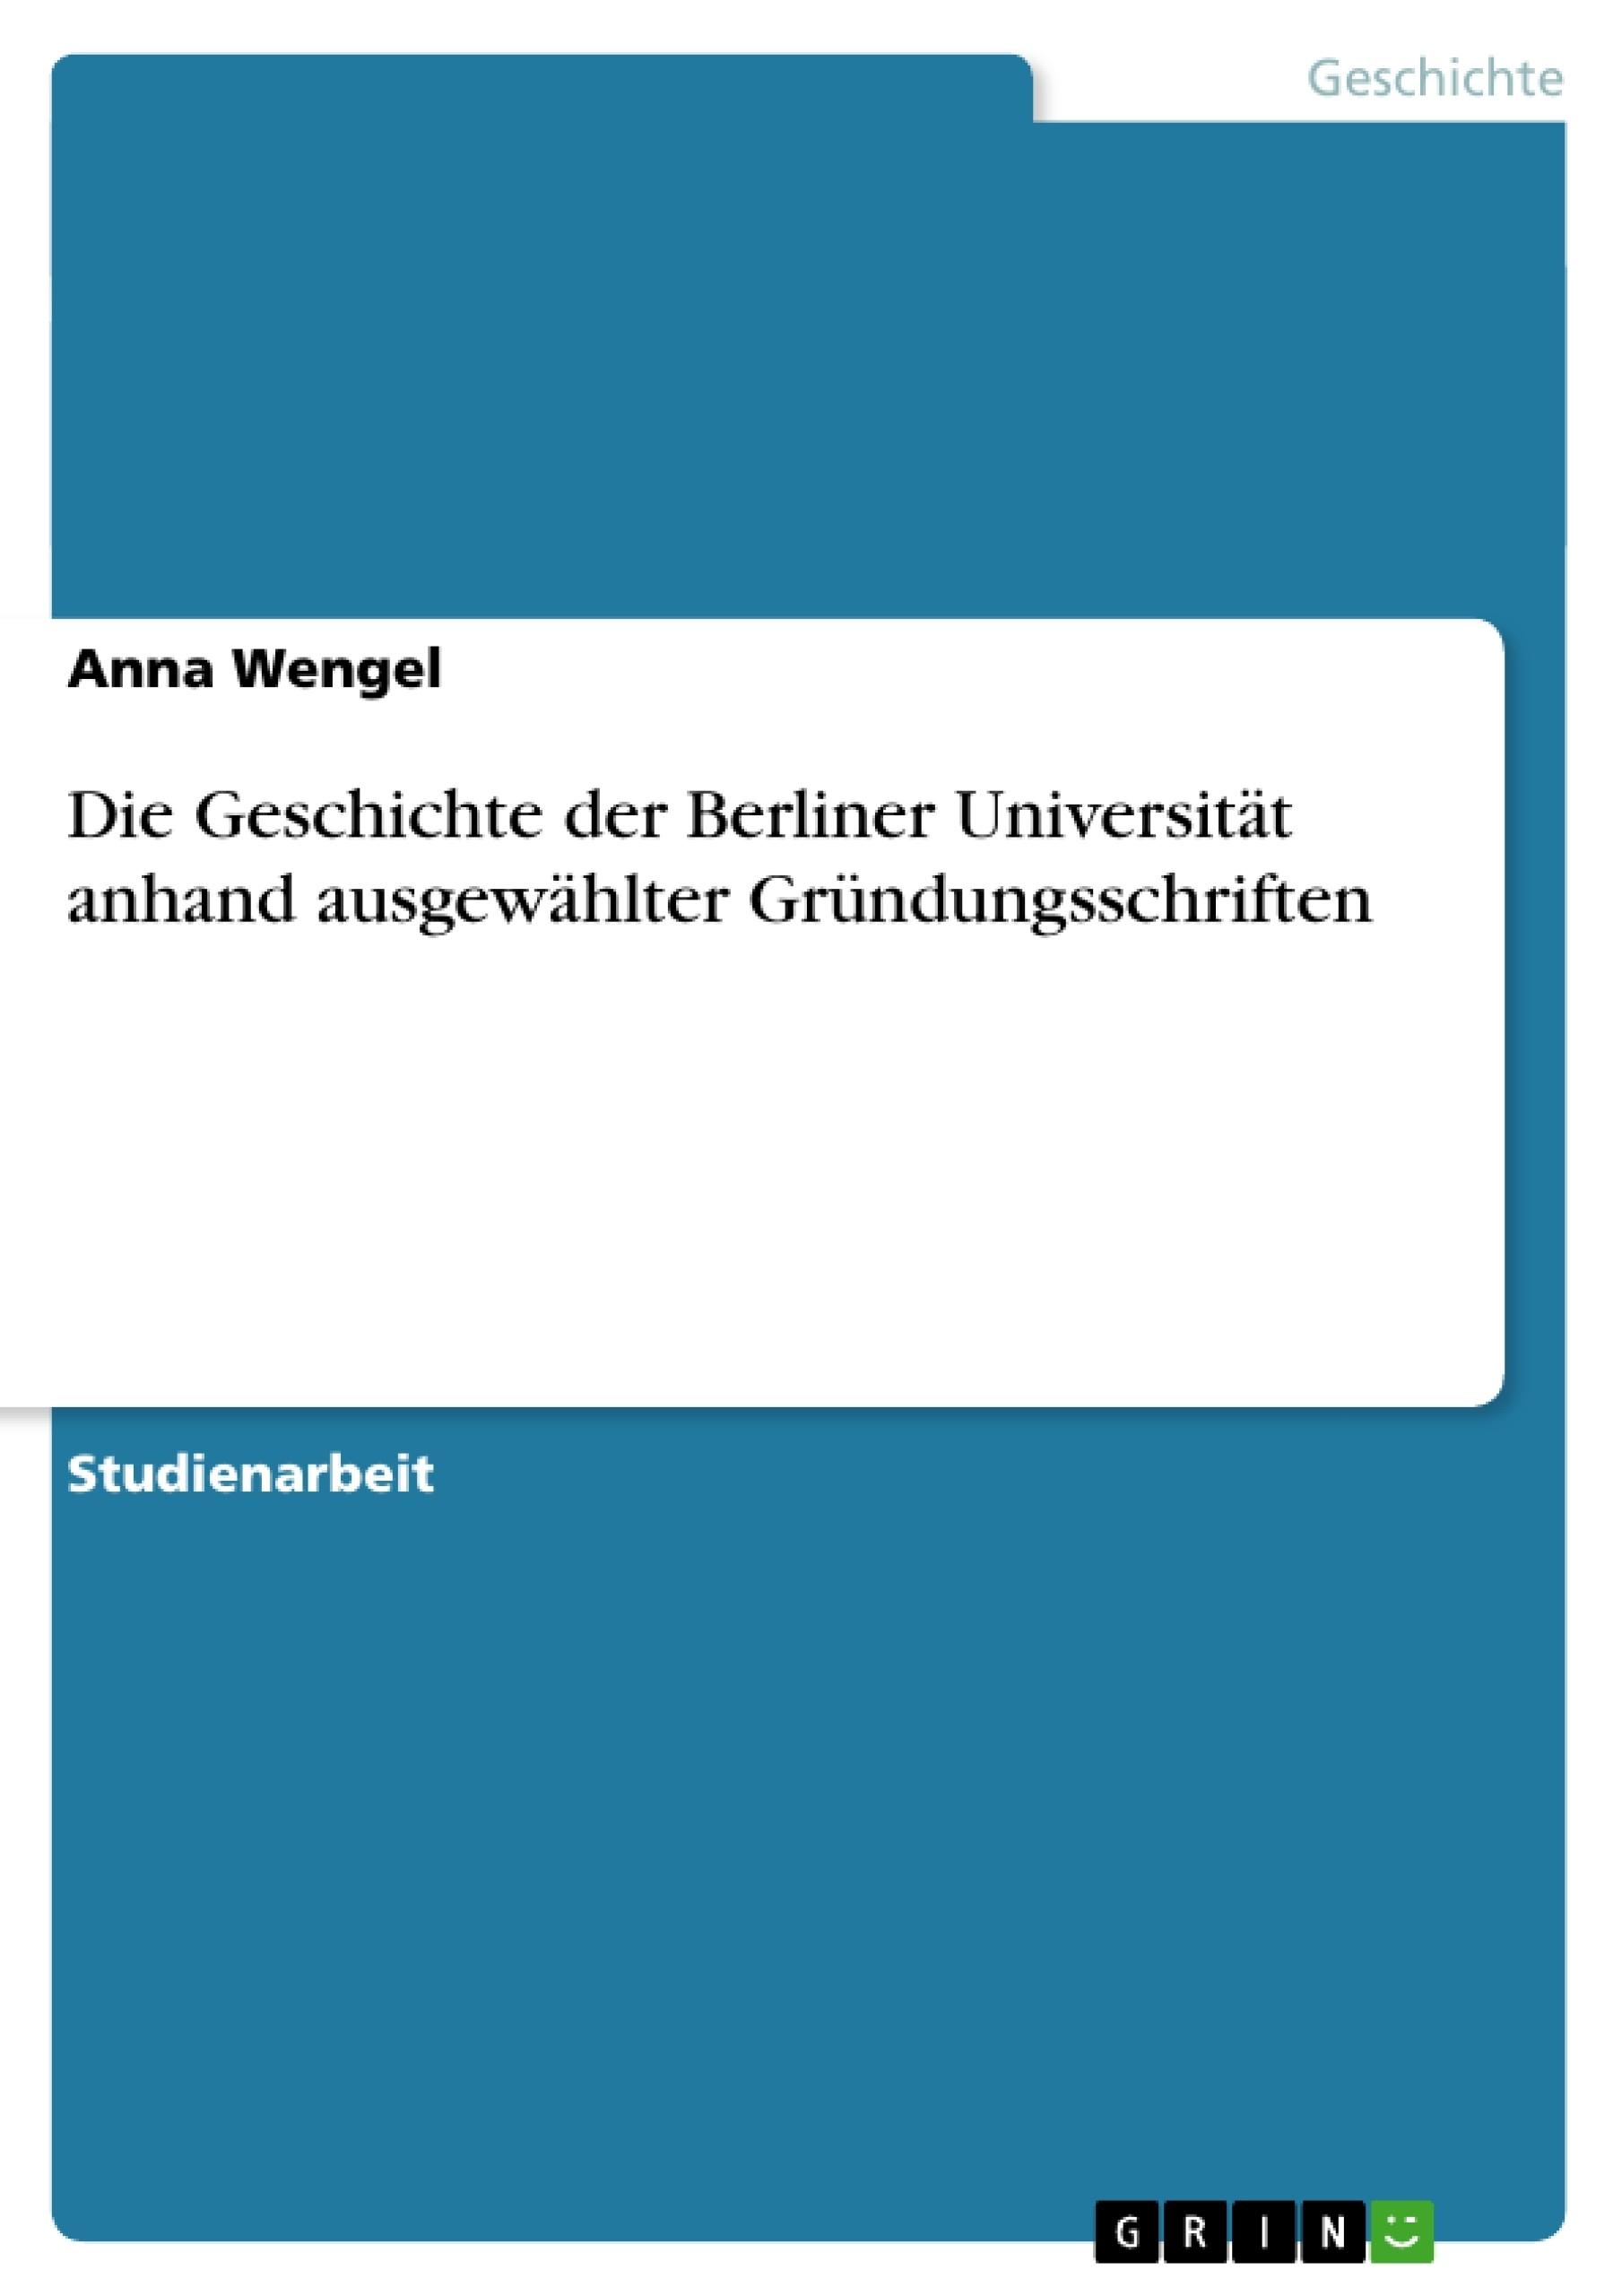 Titel: Die Geschichte der Berliner Universität anhand ausgewählter Gründungsschriften